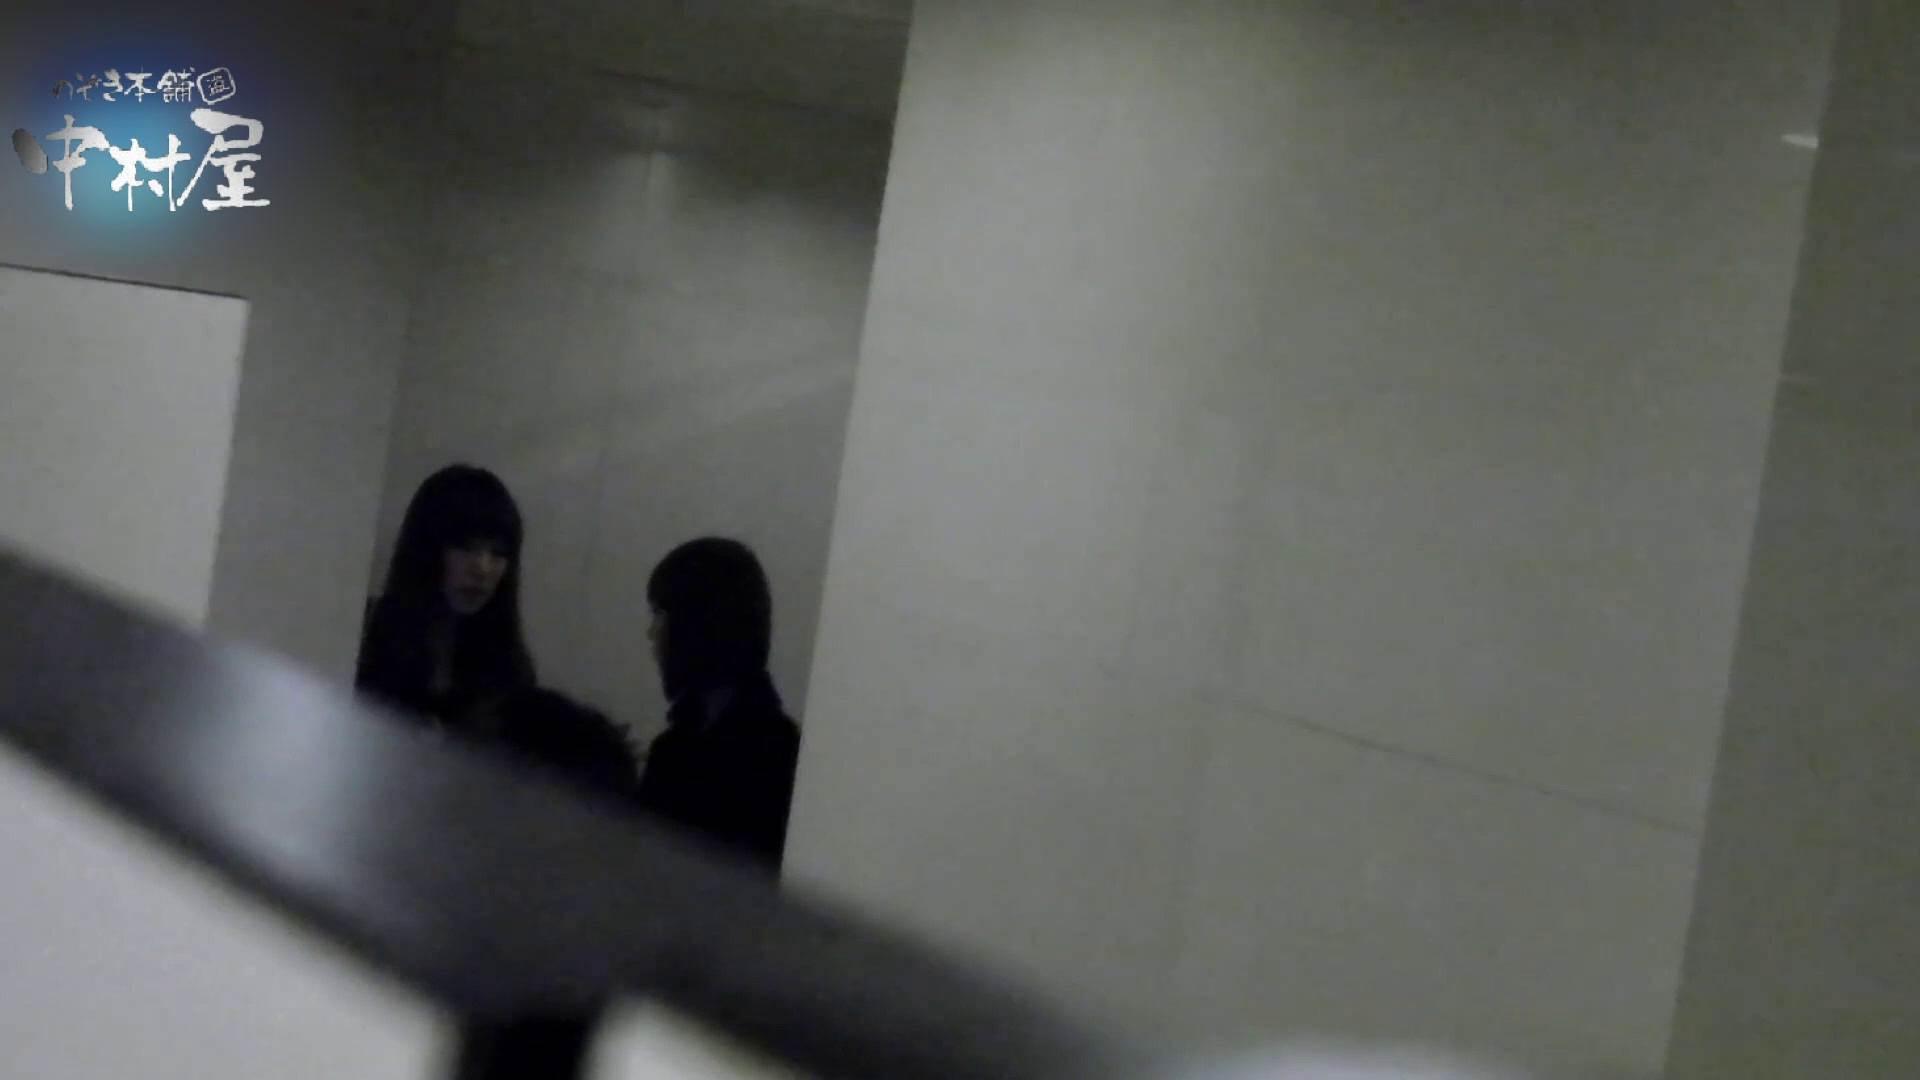 乙女集まる!ショッピングモール潜入撮vol.01 0  84pic 18